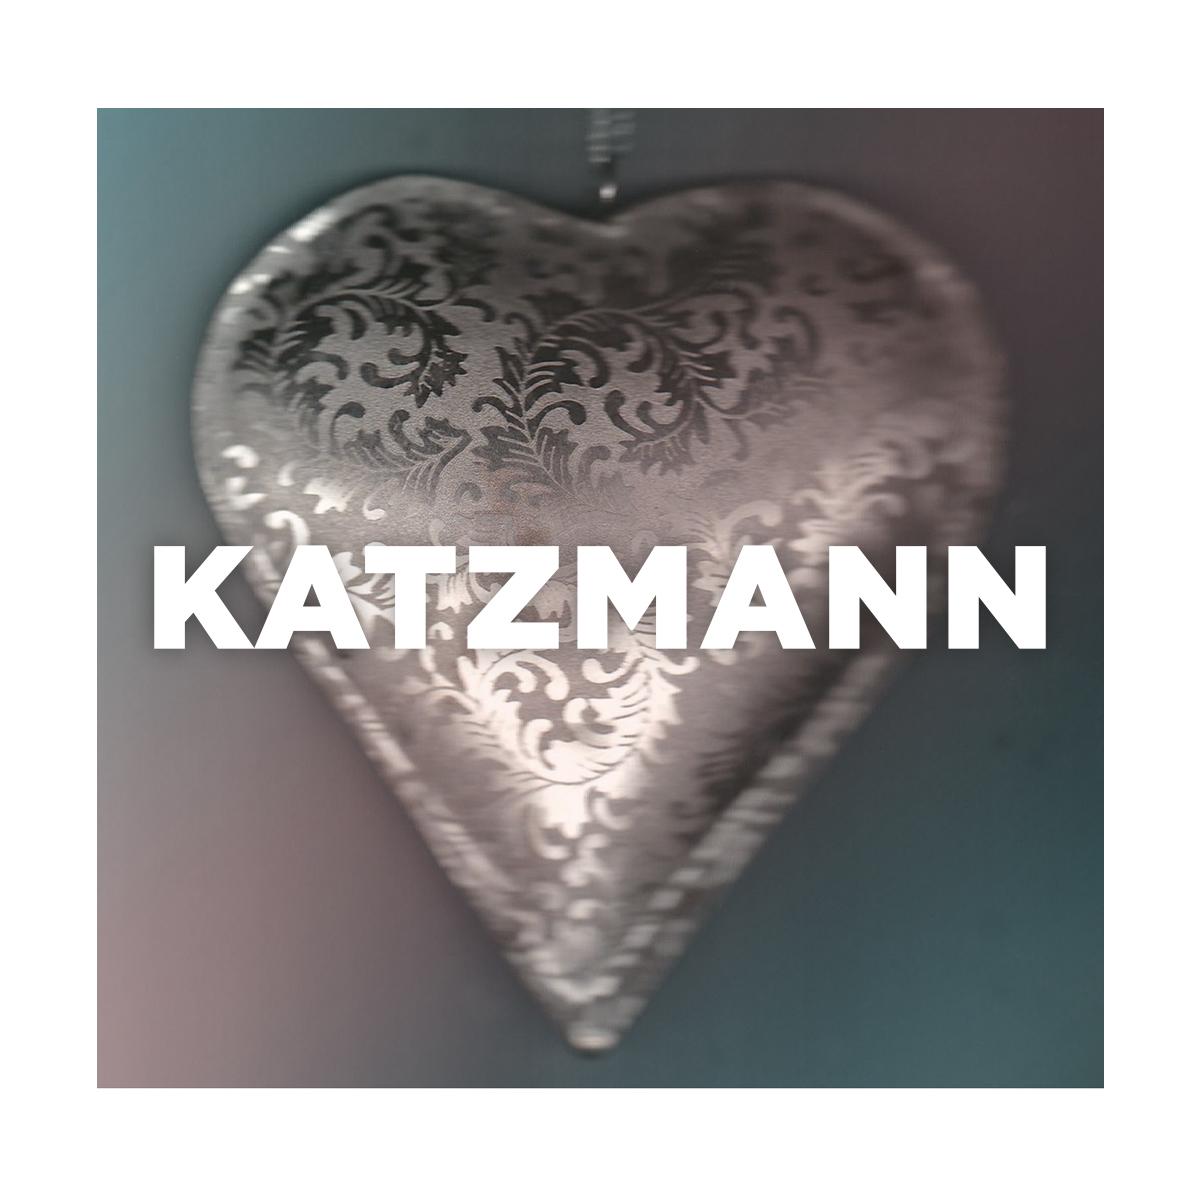 """Katzmann - """"Katzmann"""" (GIM Records/Soulfood)"""